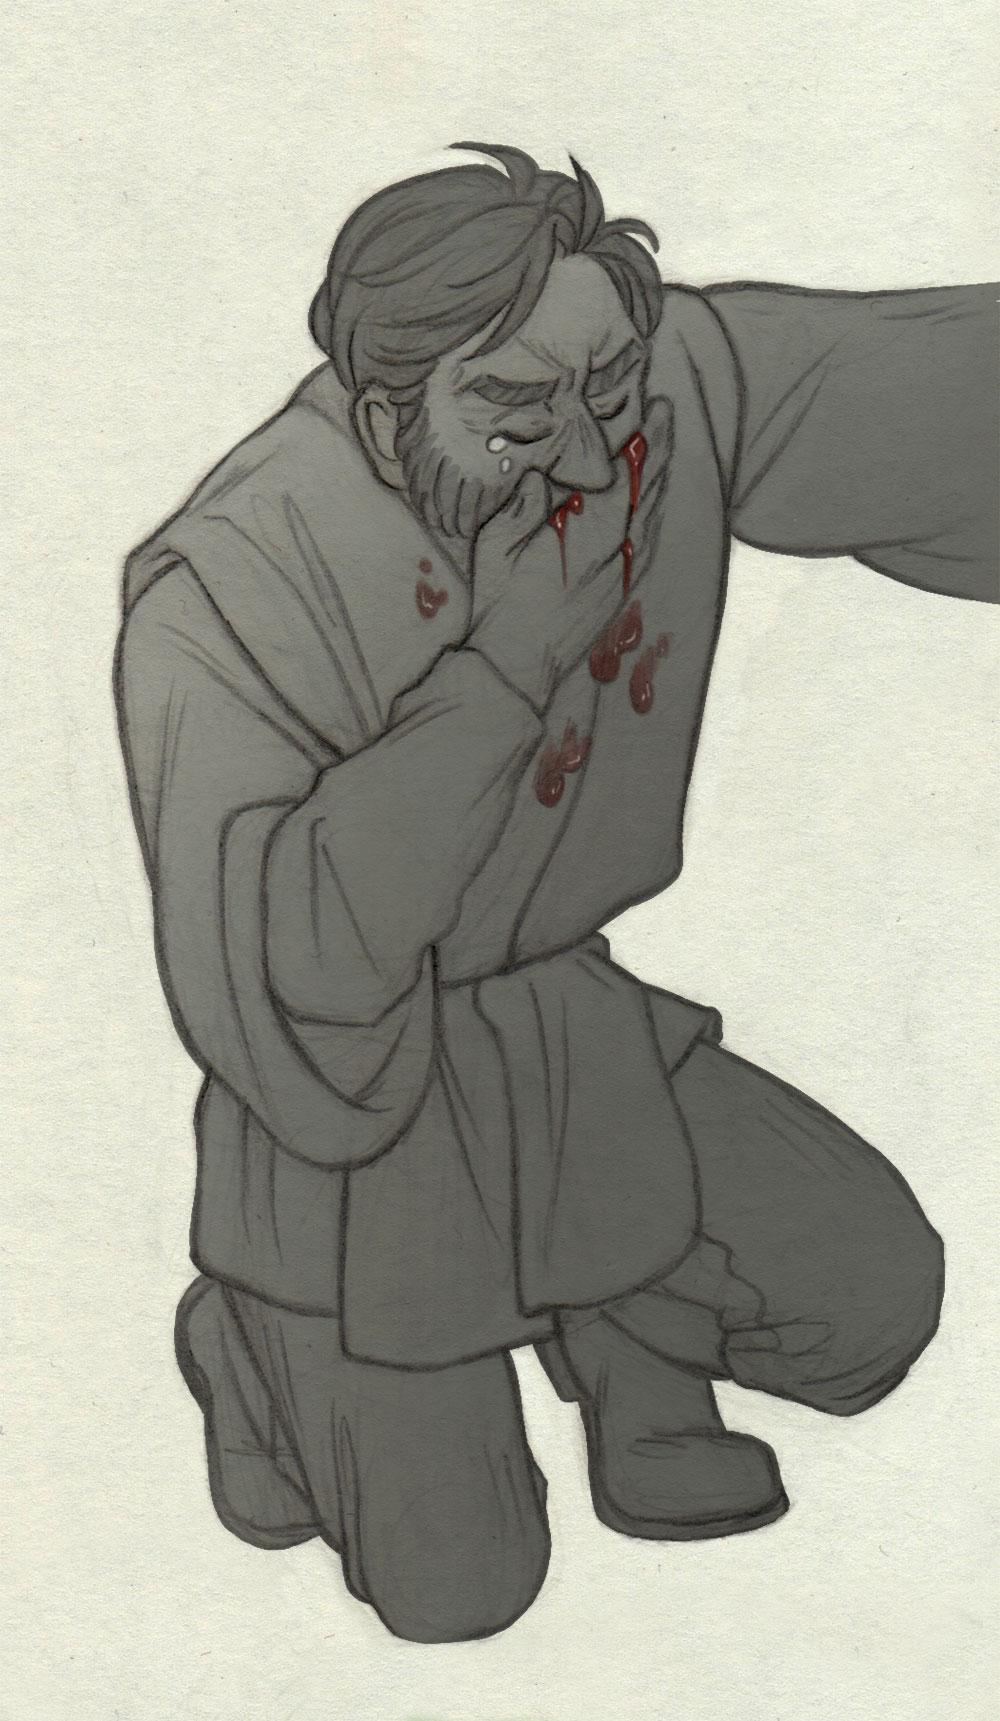 Blood [Obi-Wan] by ProfDrLachfinger